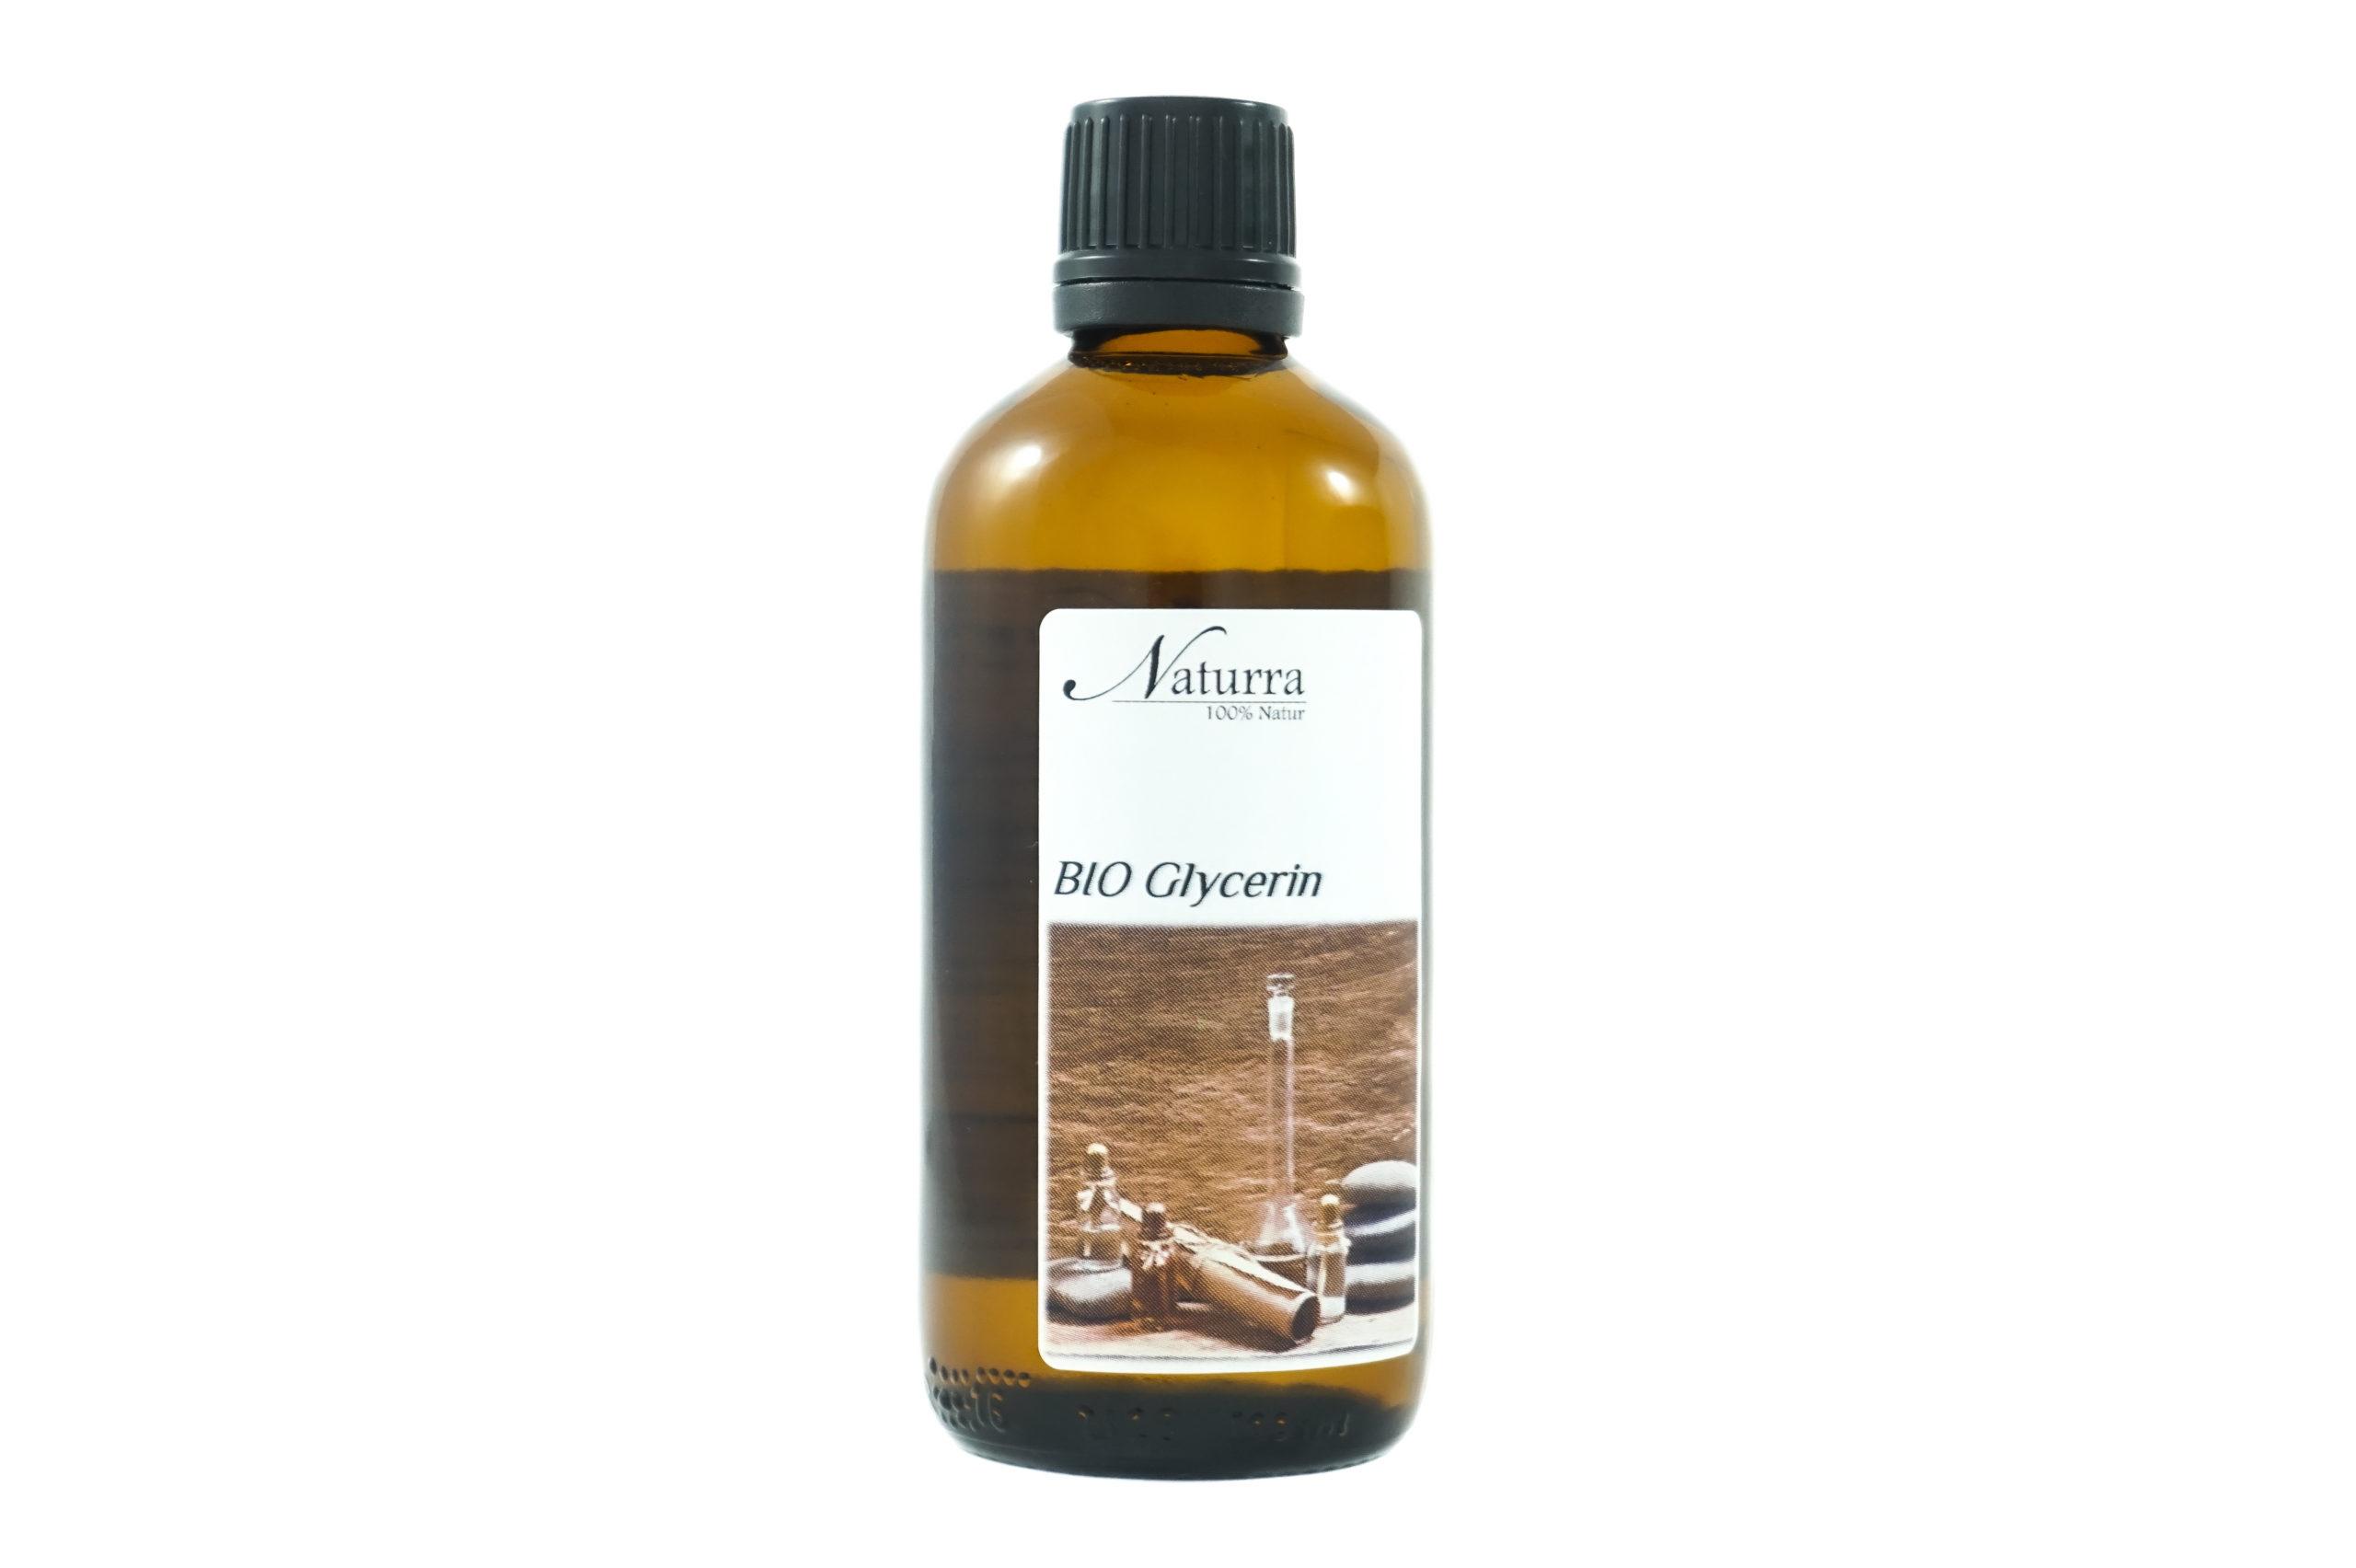 Bio Glycerin aus Soja und Mais palmfett-frei im Glas